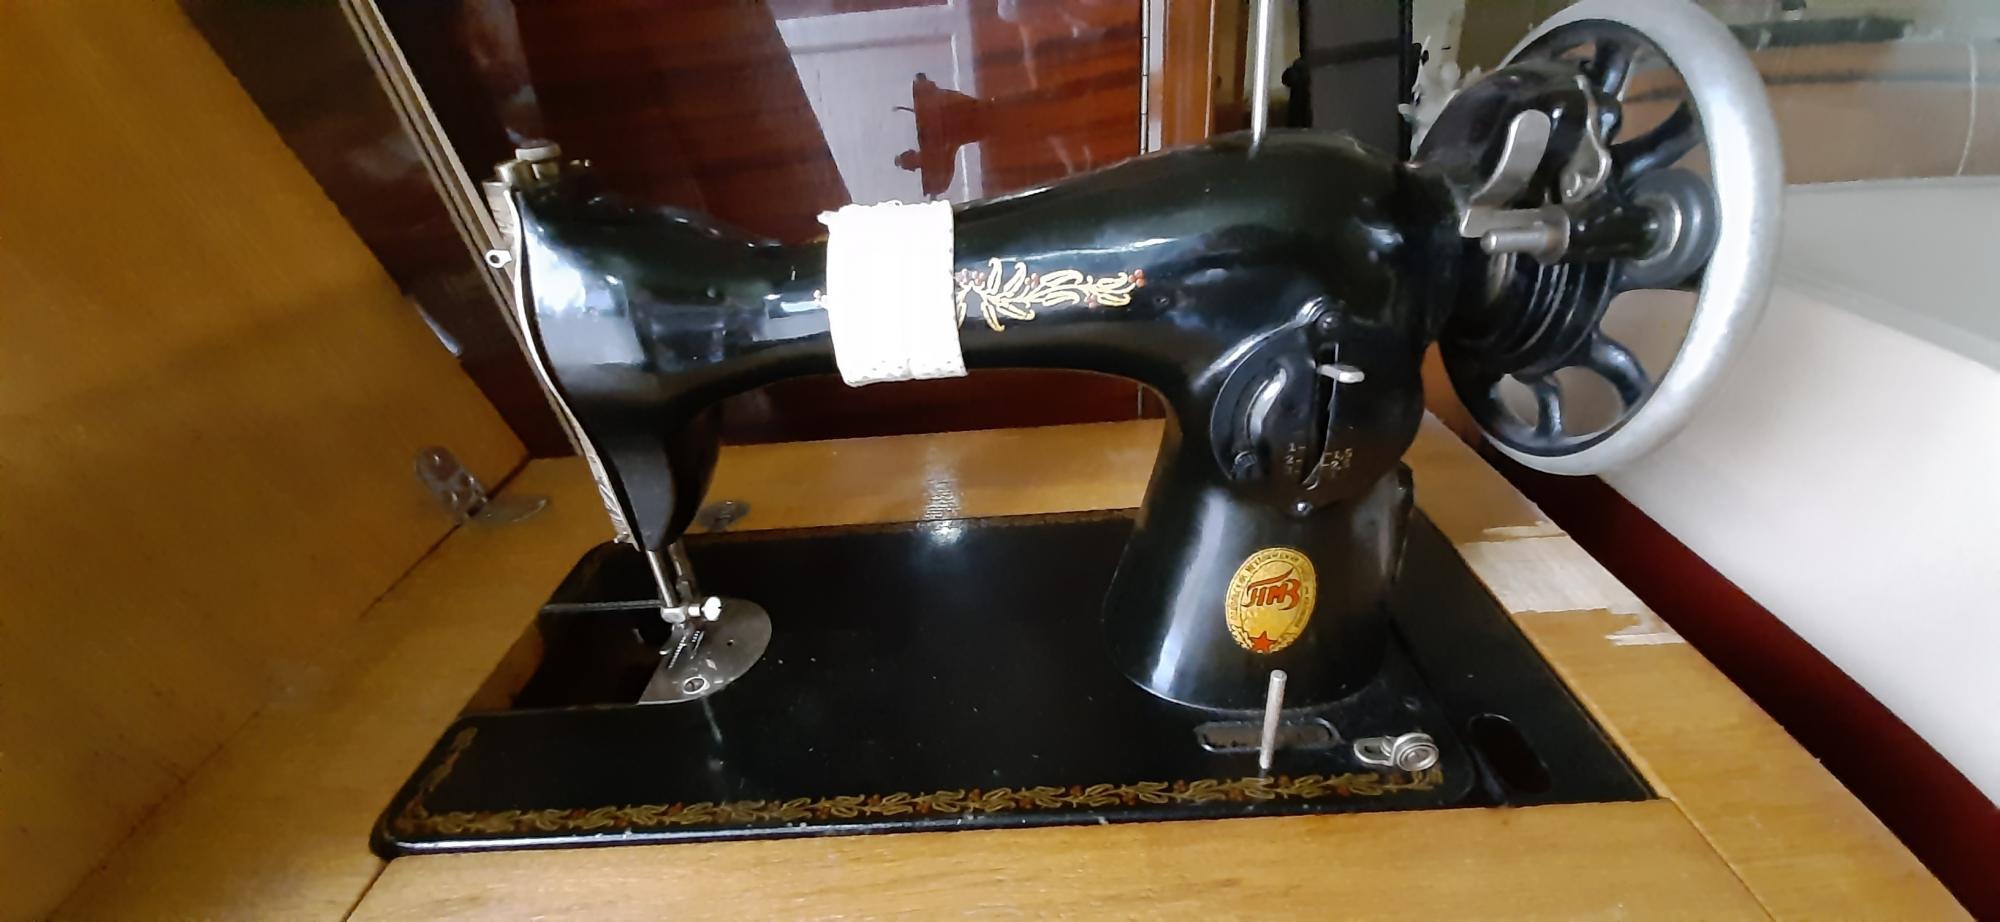 Швейная машинка ПМЗ в Москве 89299765583 купить 1